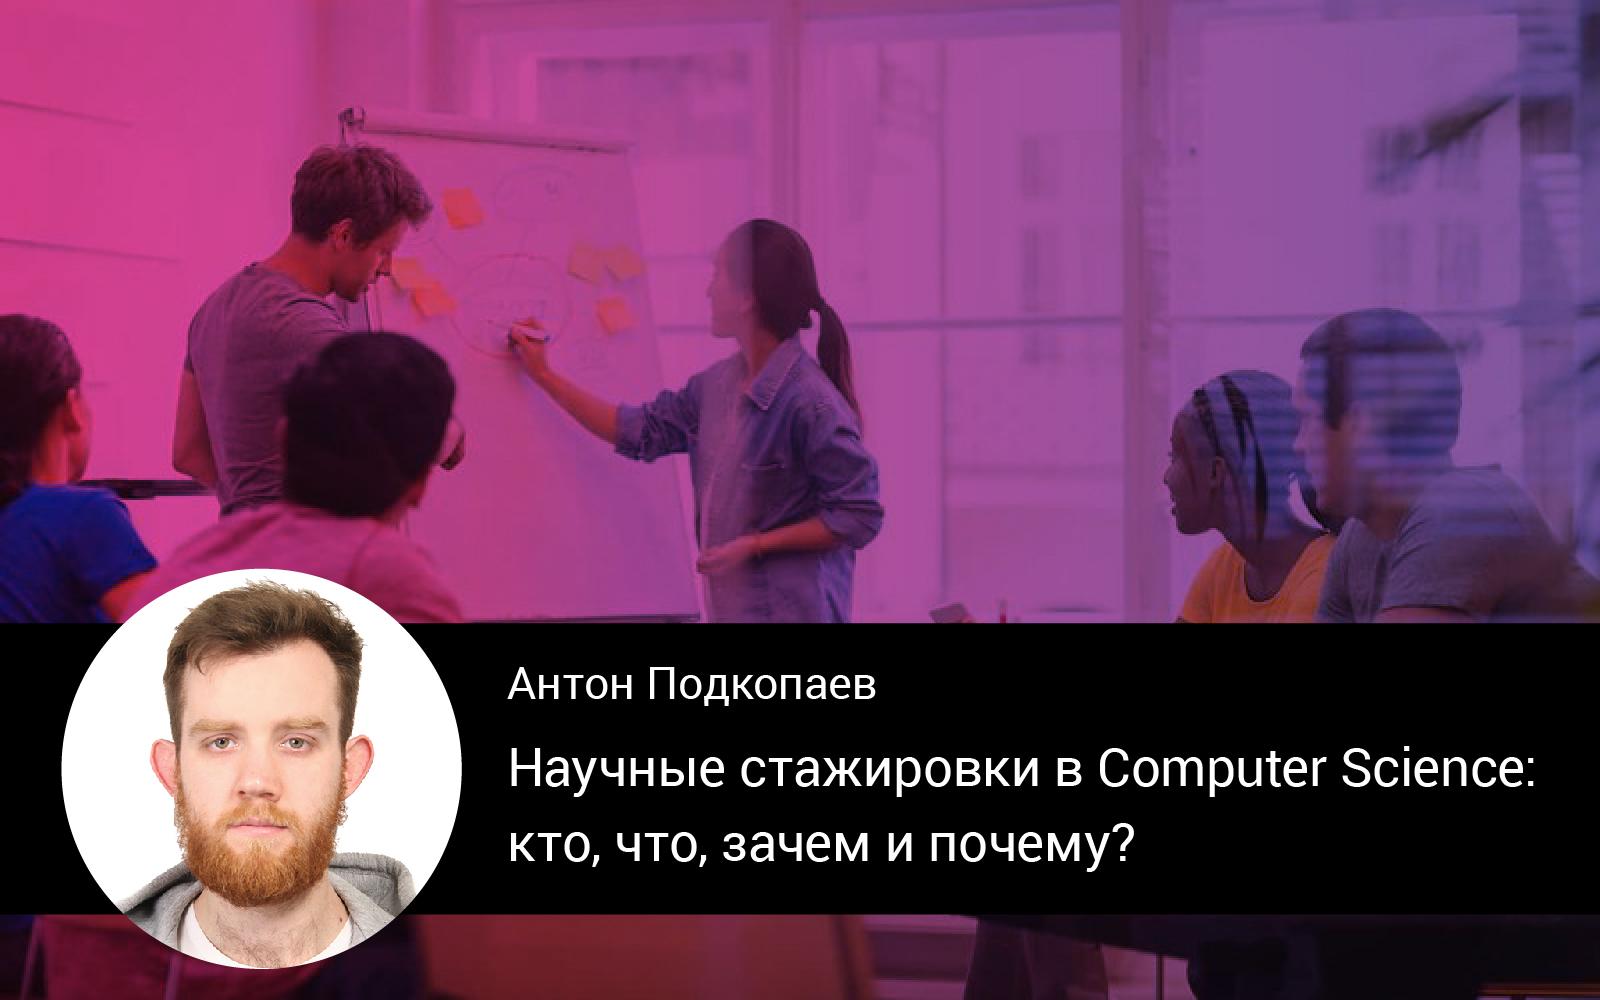 Научные стажировки в Computer Science кто, что, зачем и почему?